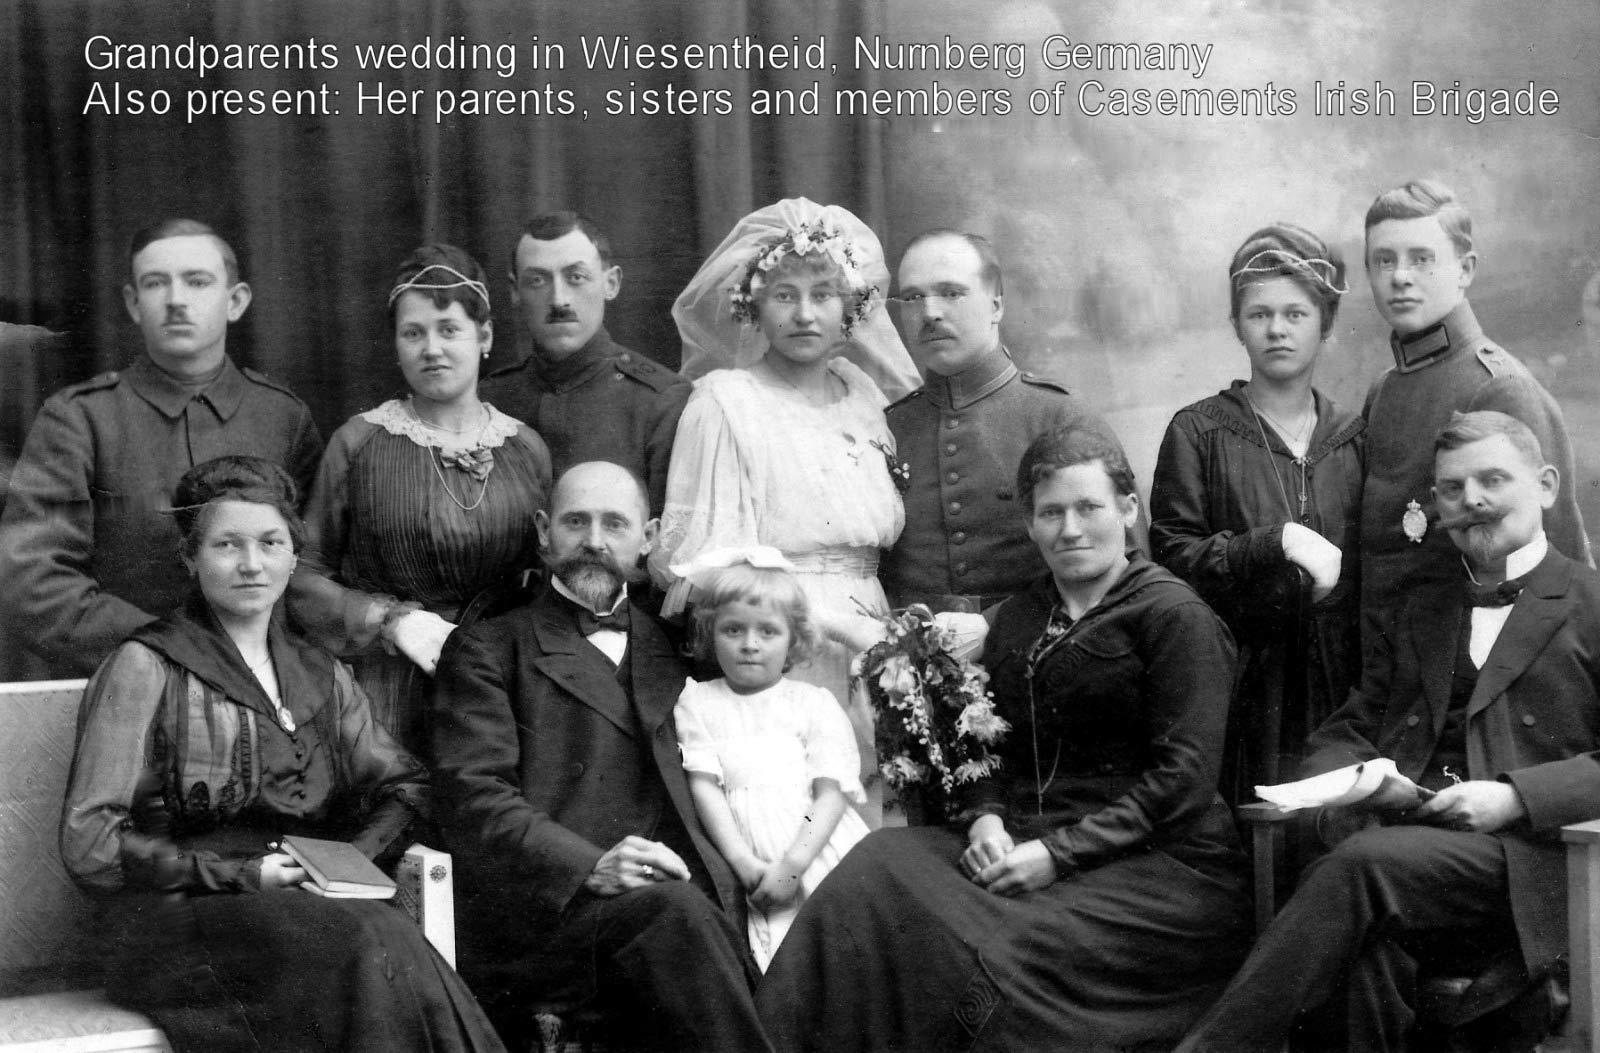 keogh's wedding